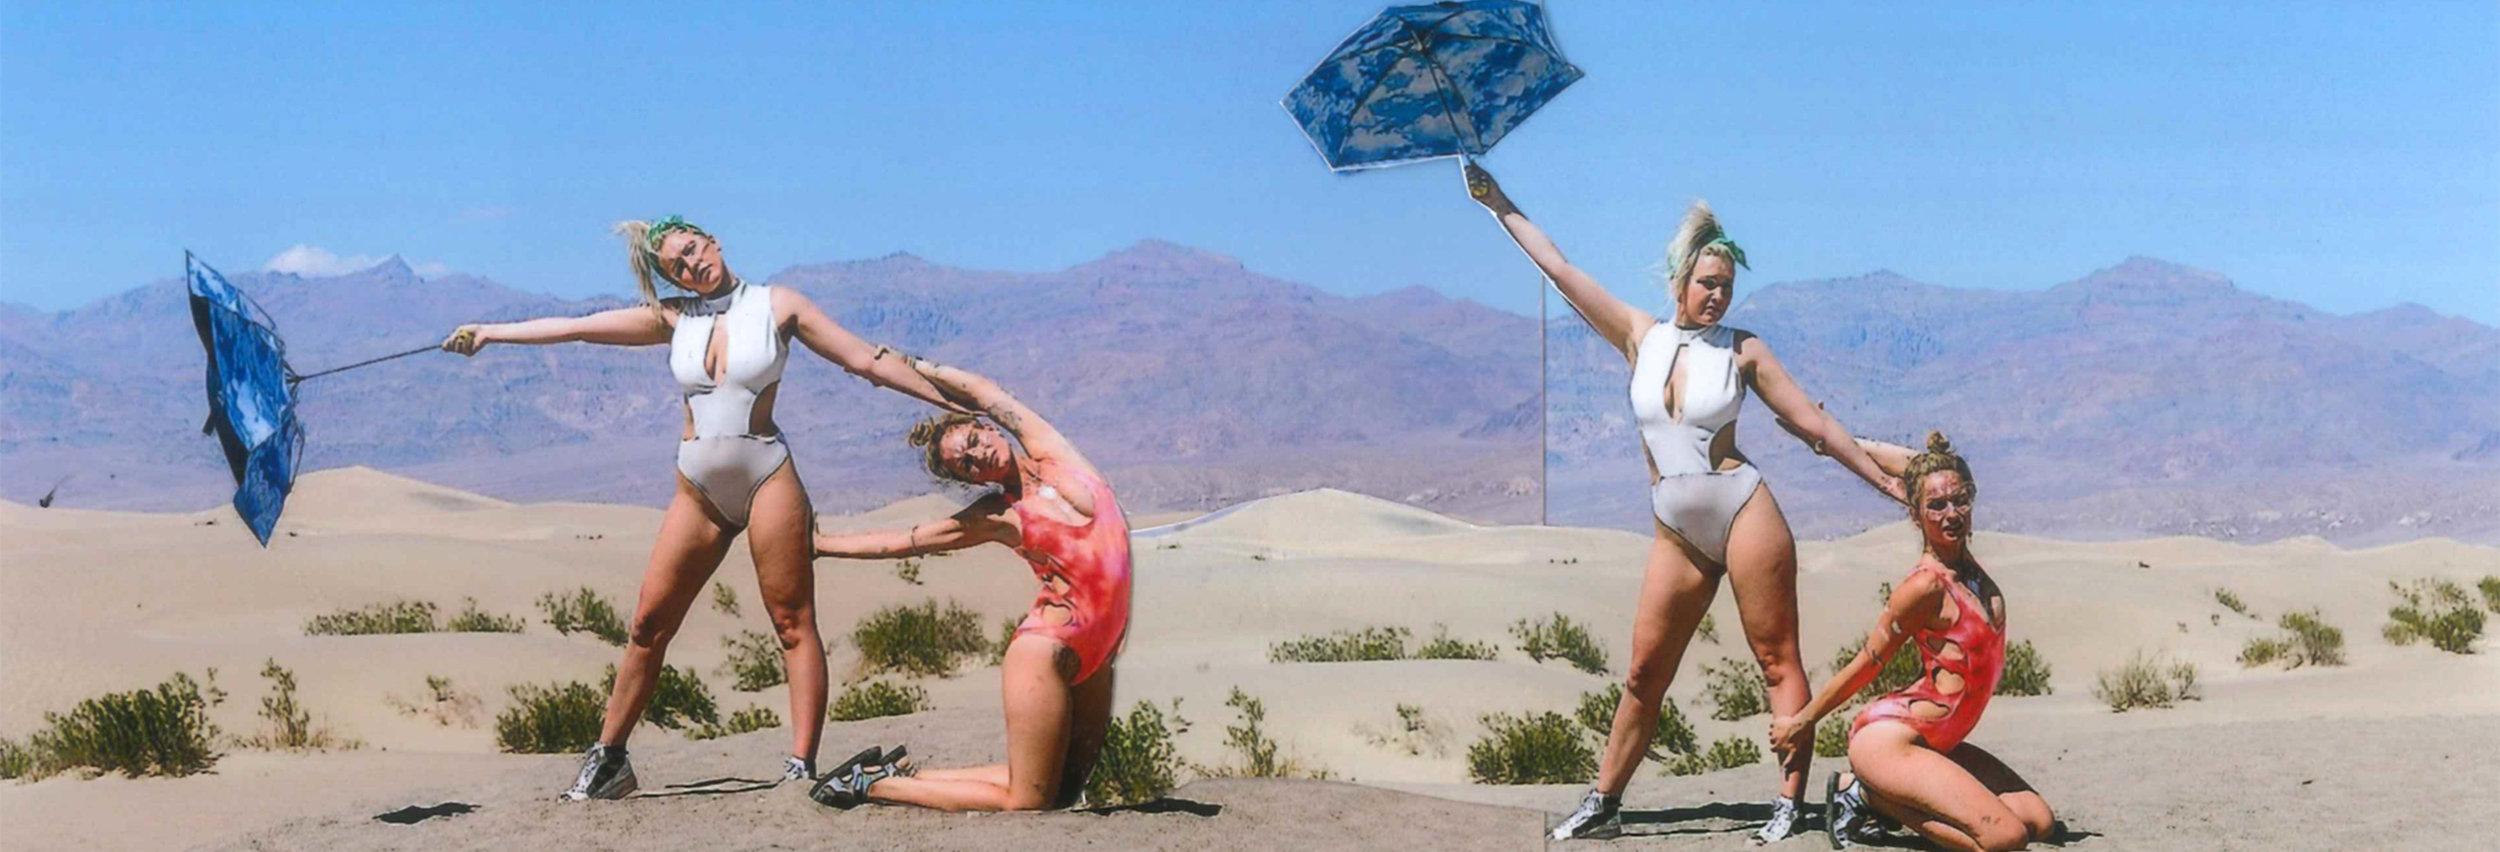 desert1-87.jpg